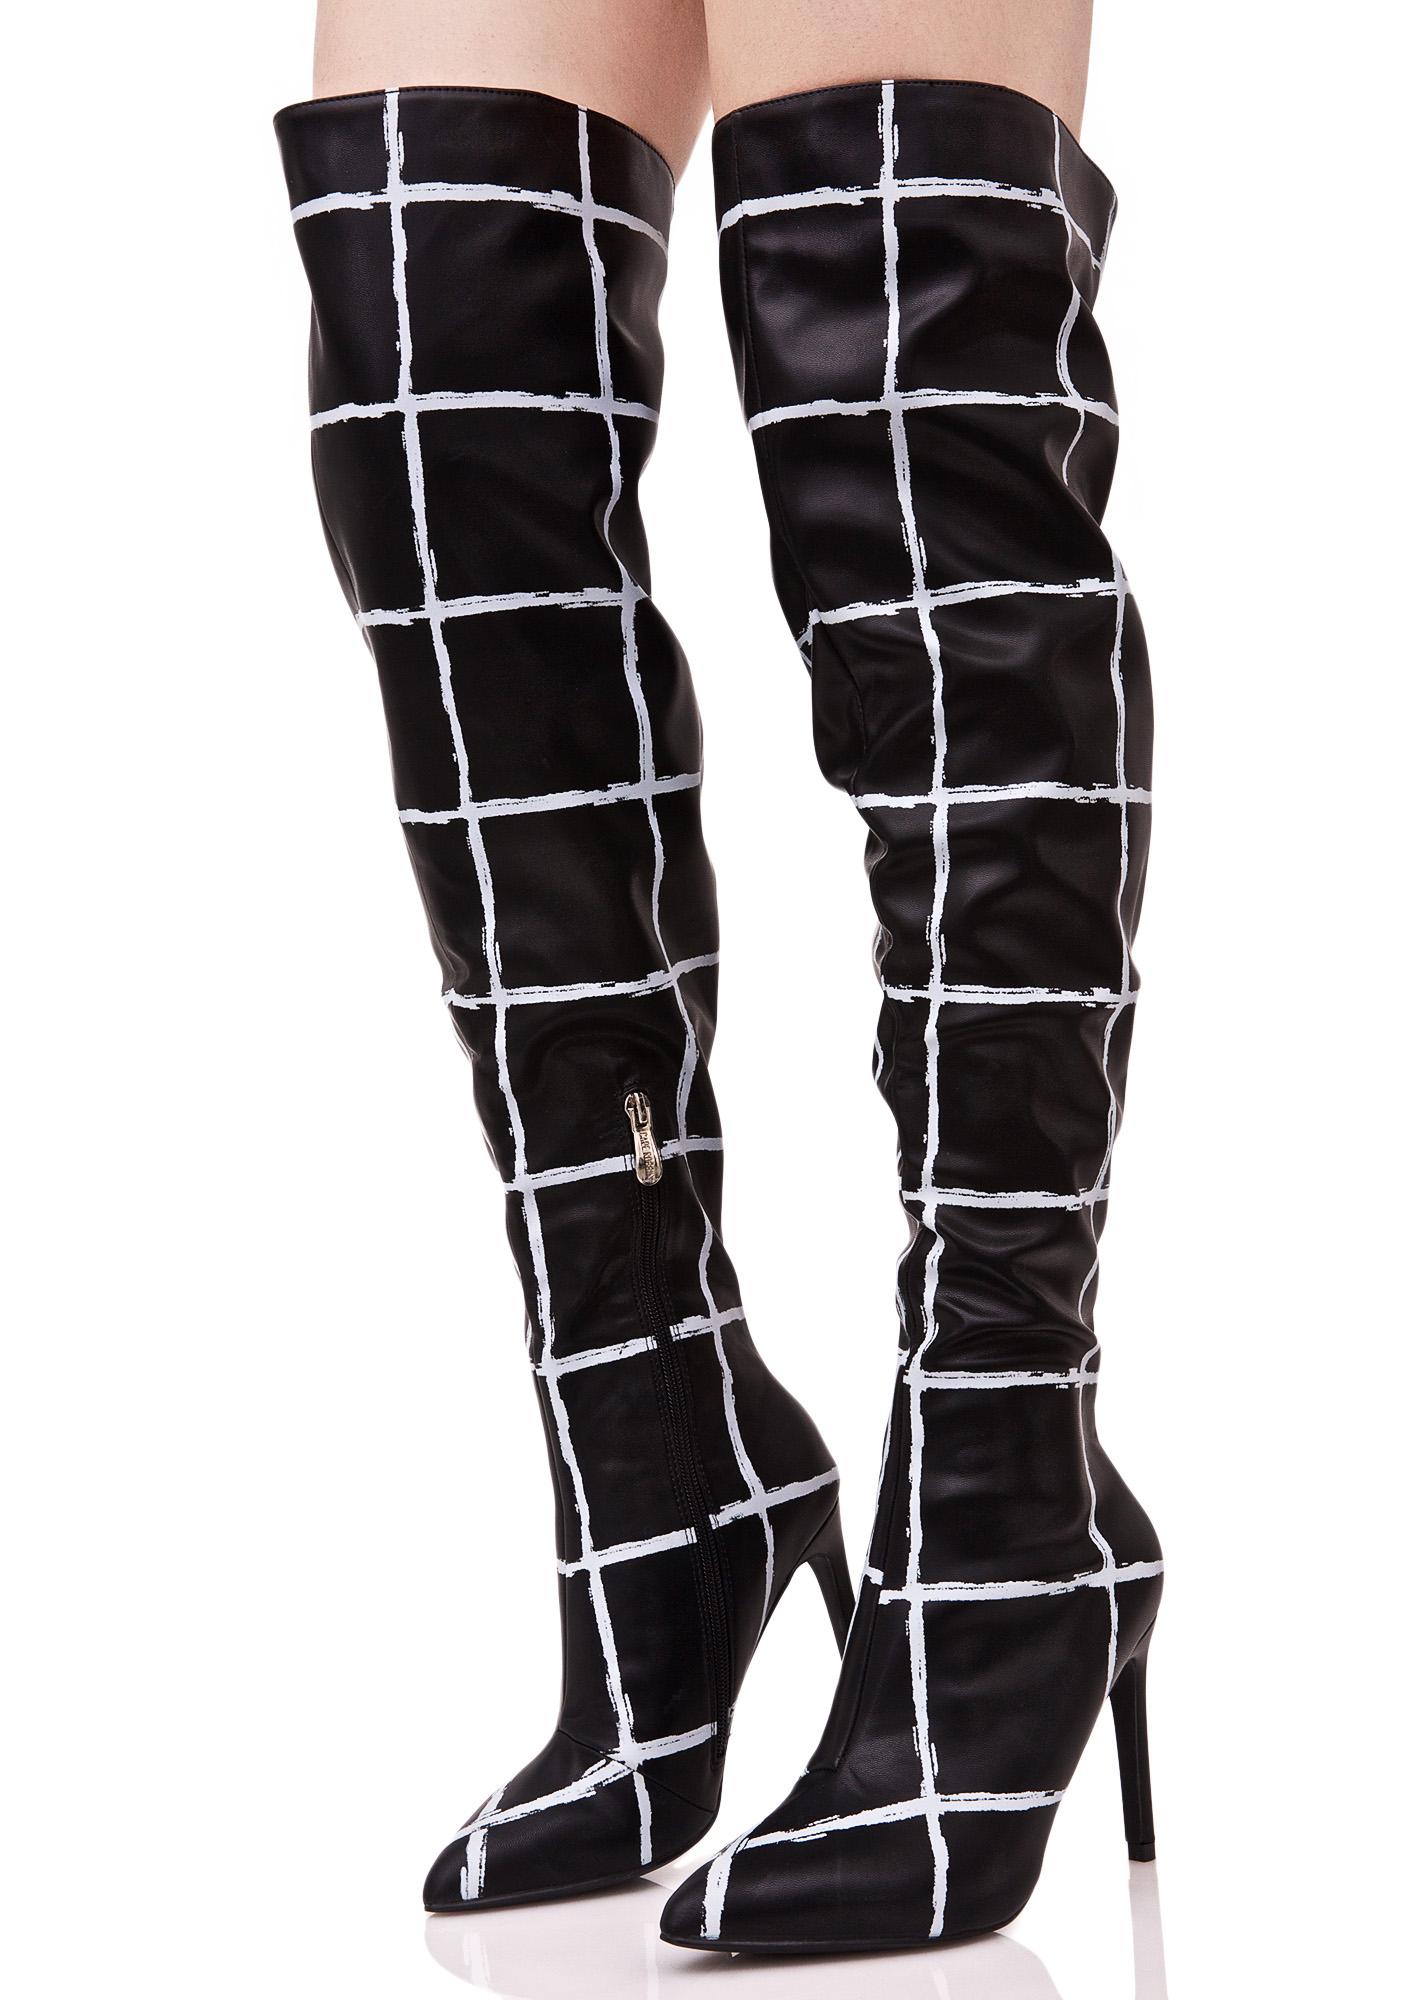 Grid Print Thigh High Boots